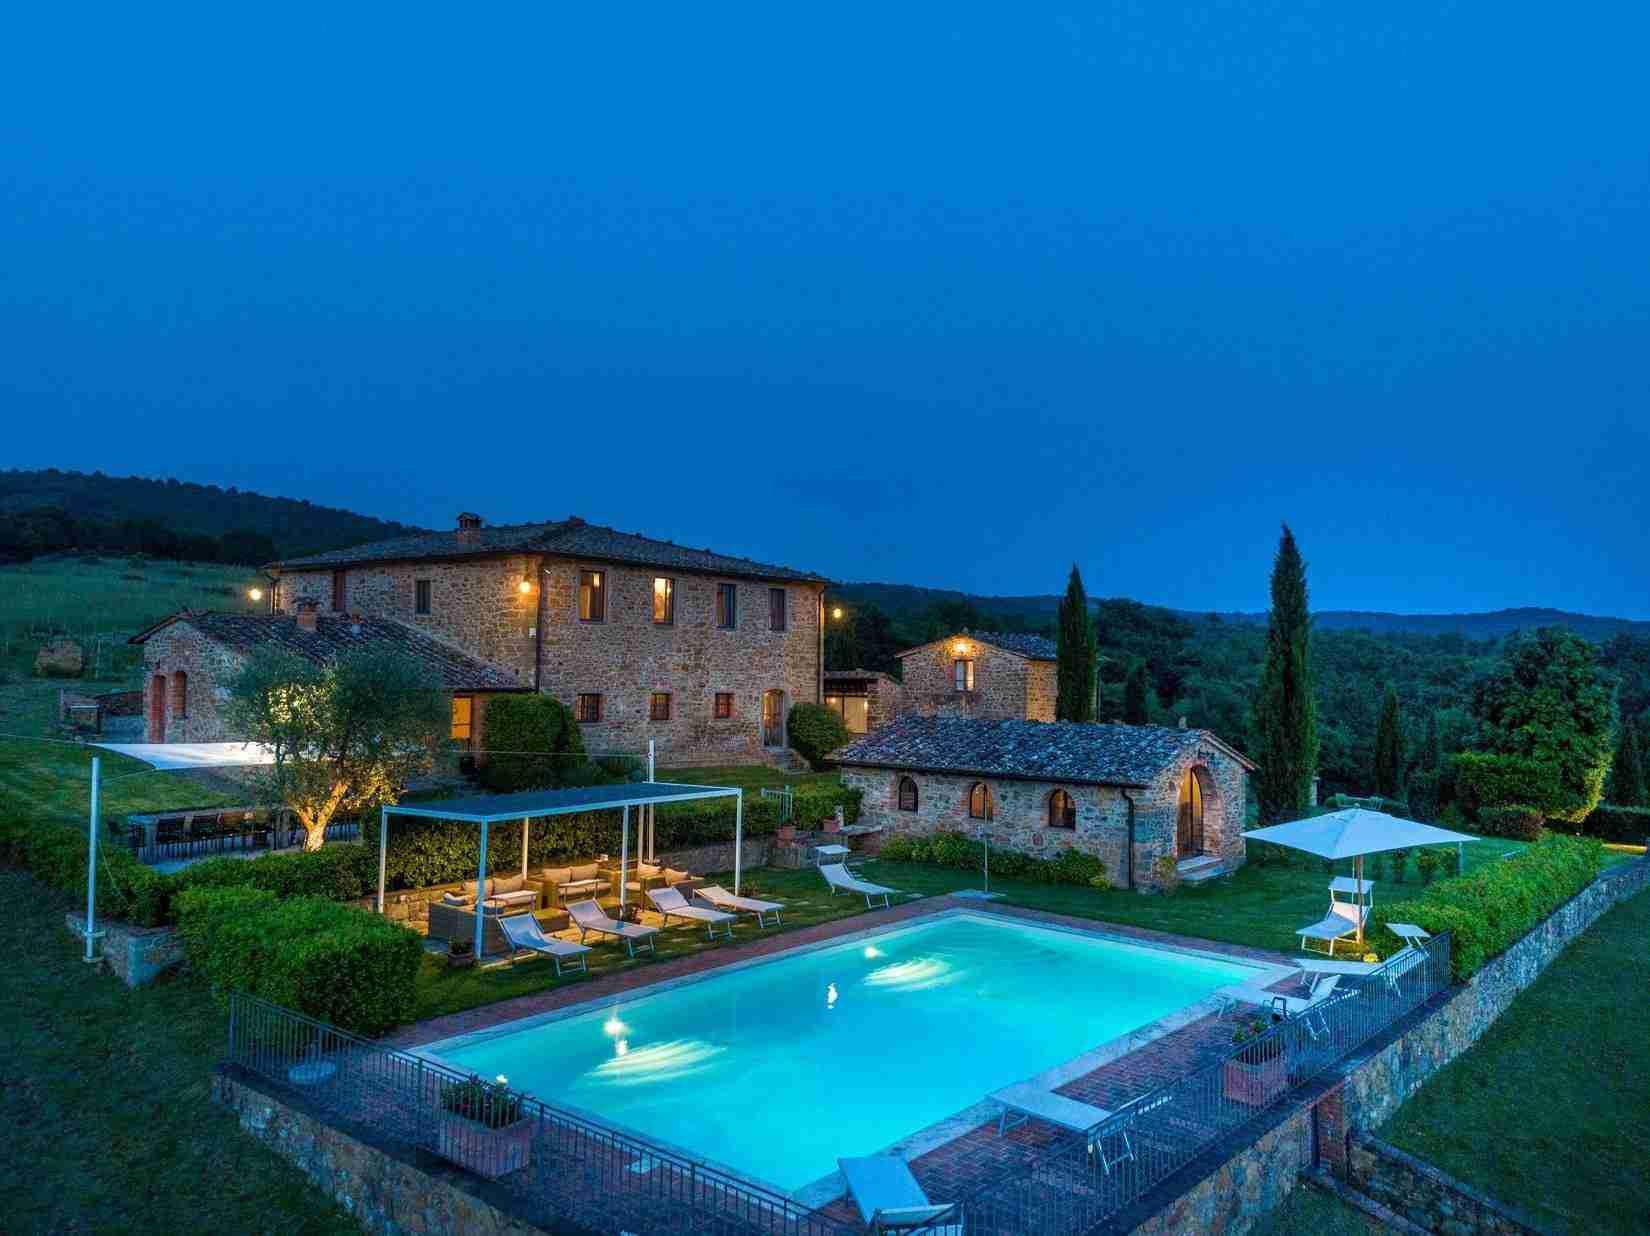 28 Fiorenza Pool in the night